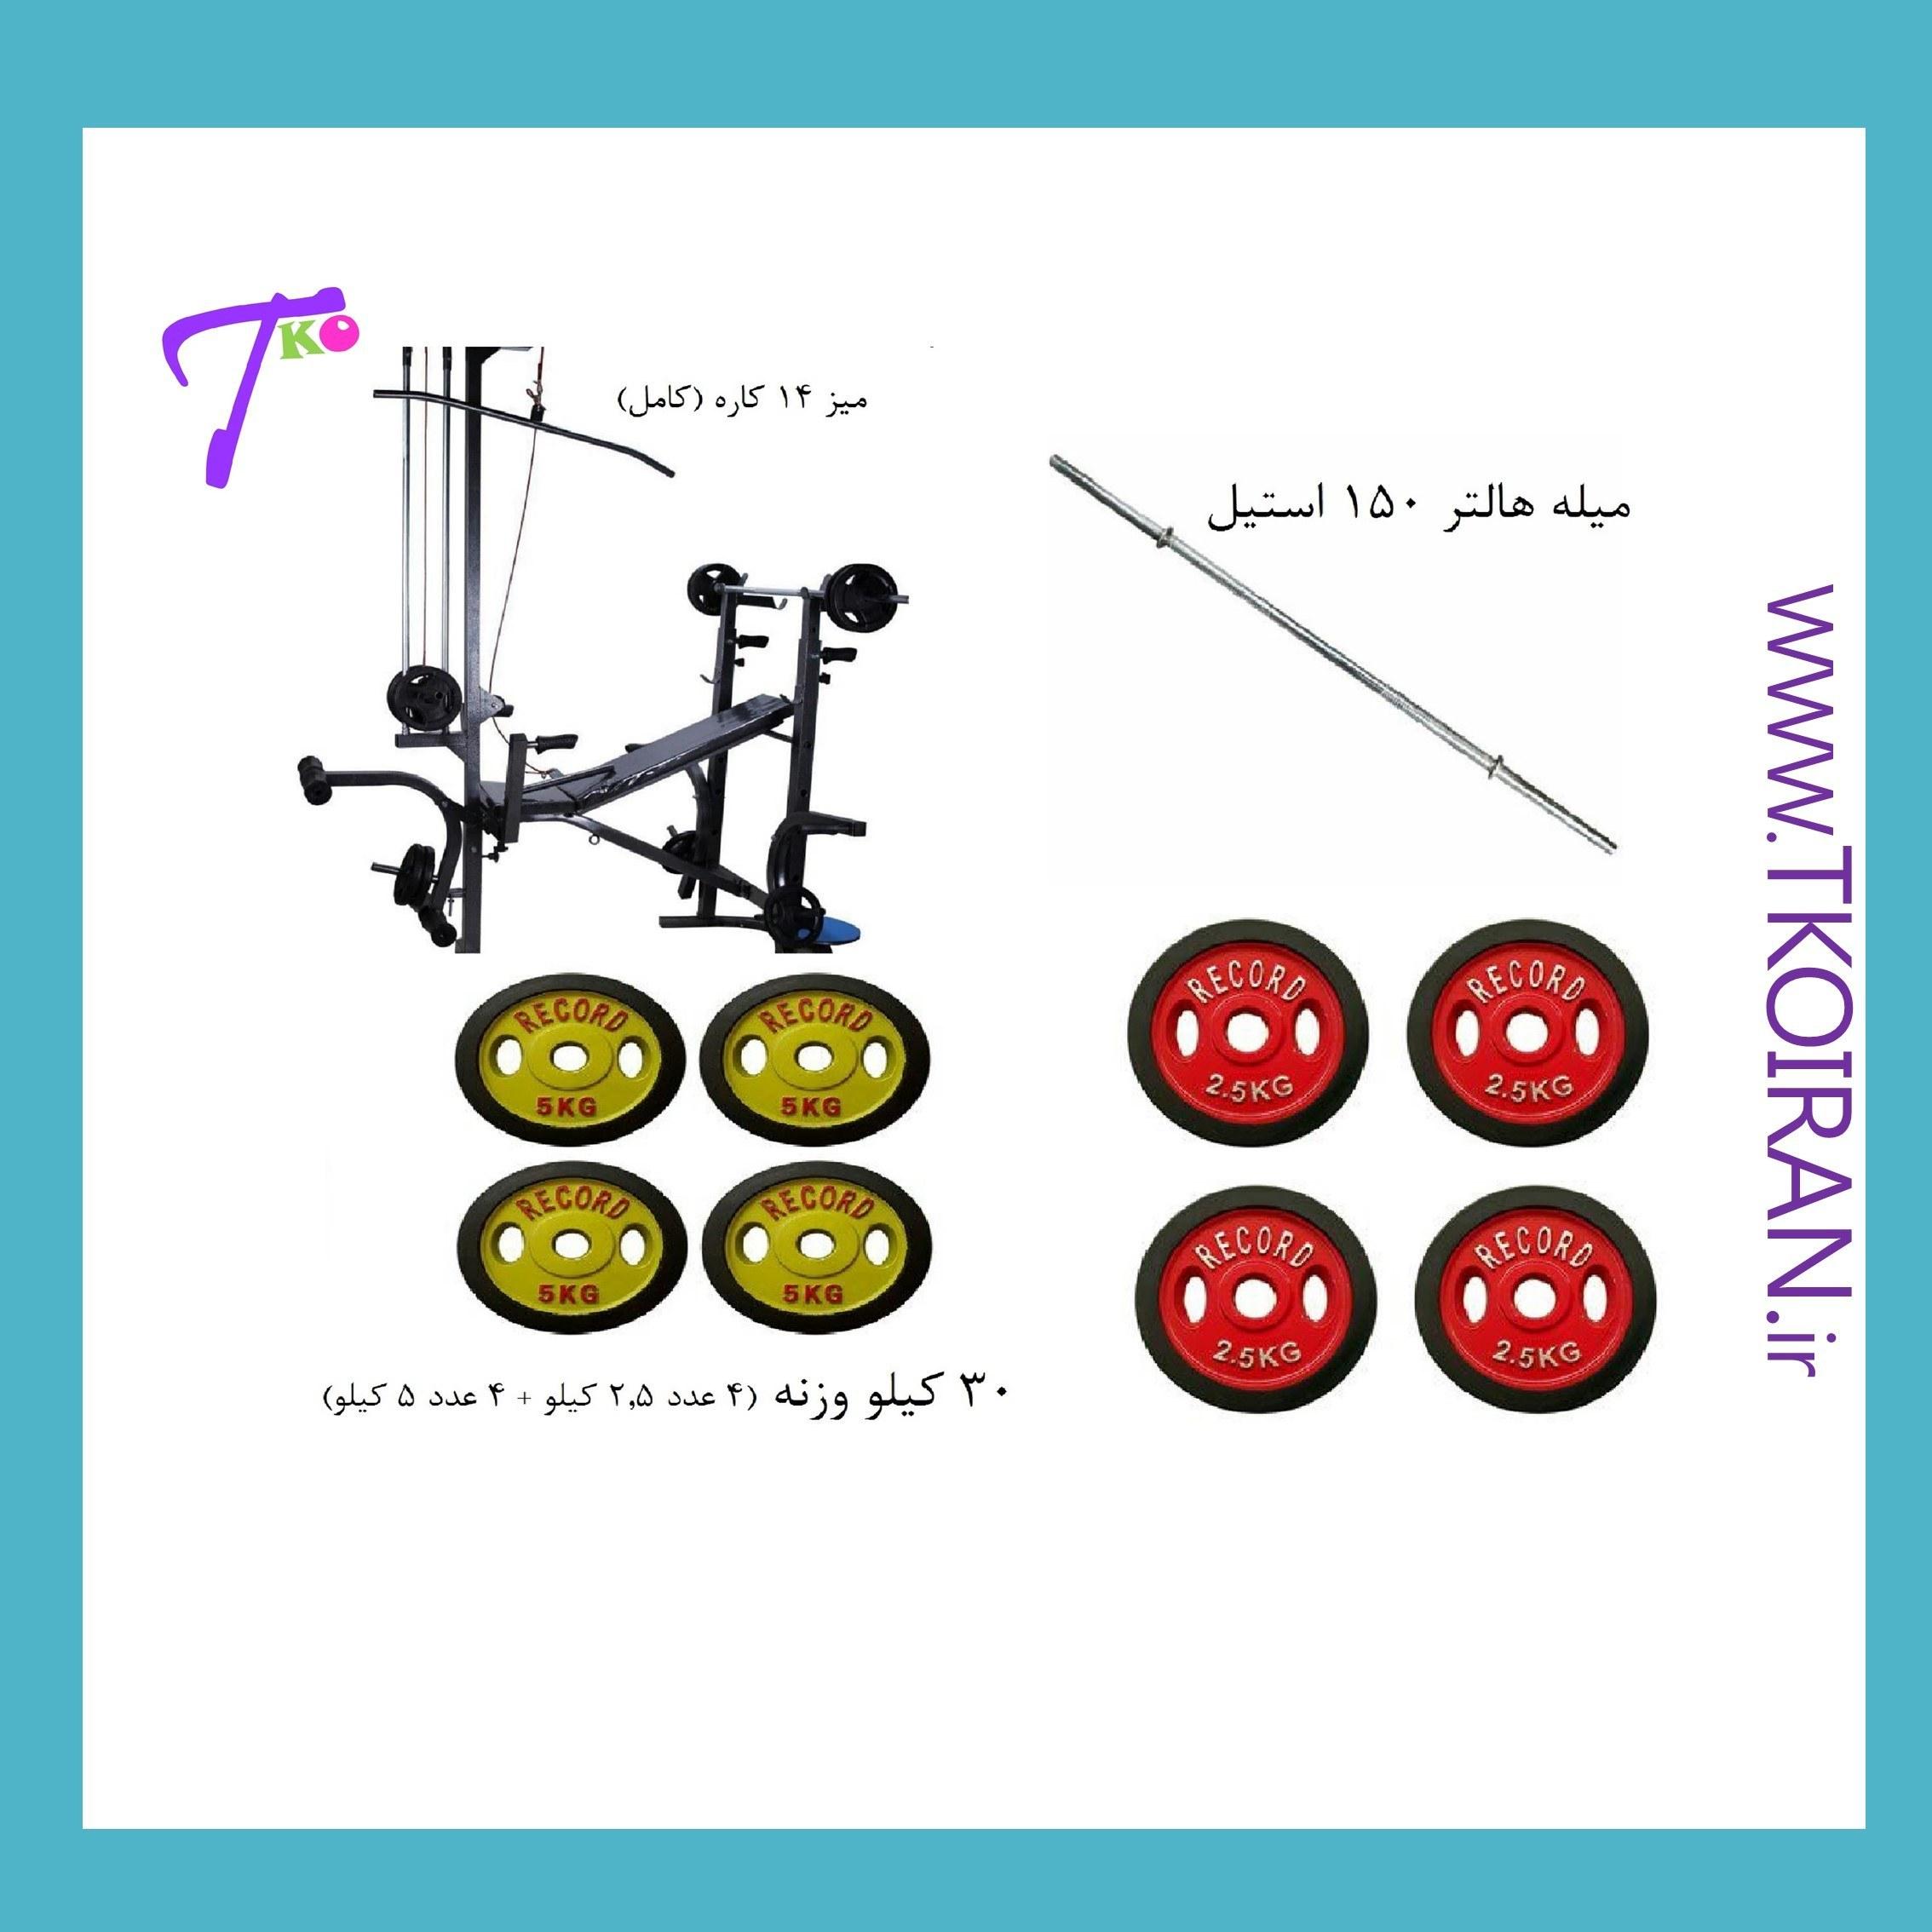 پکیج بدنسازی تکو 14 (میز 14کاره+میله هالتر+30کیلو وزنه)